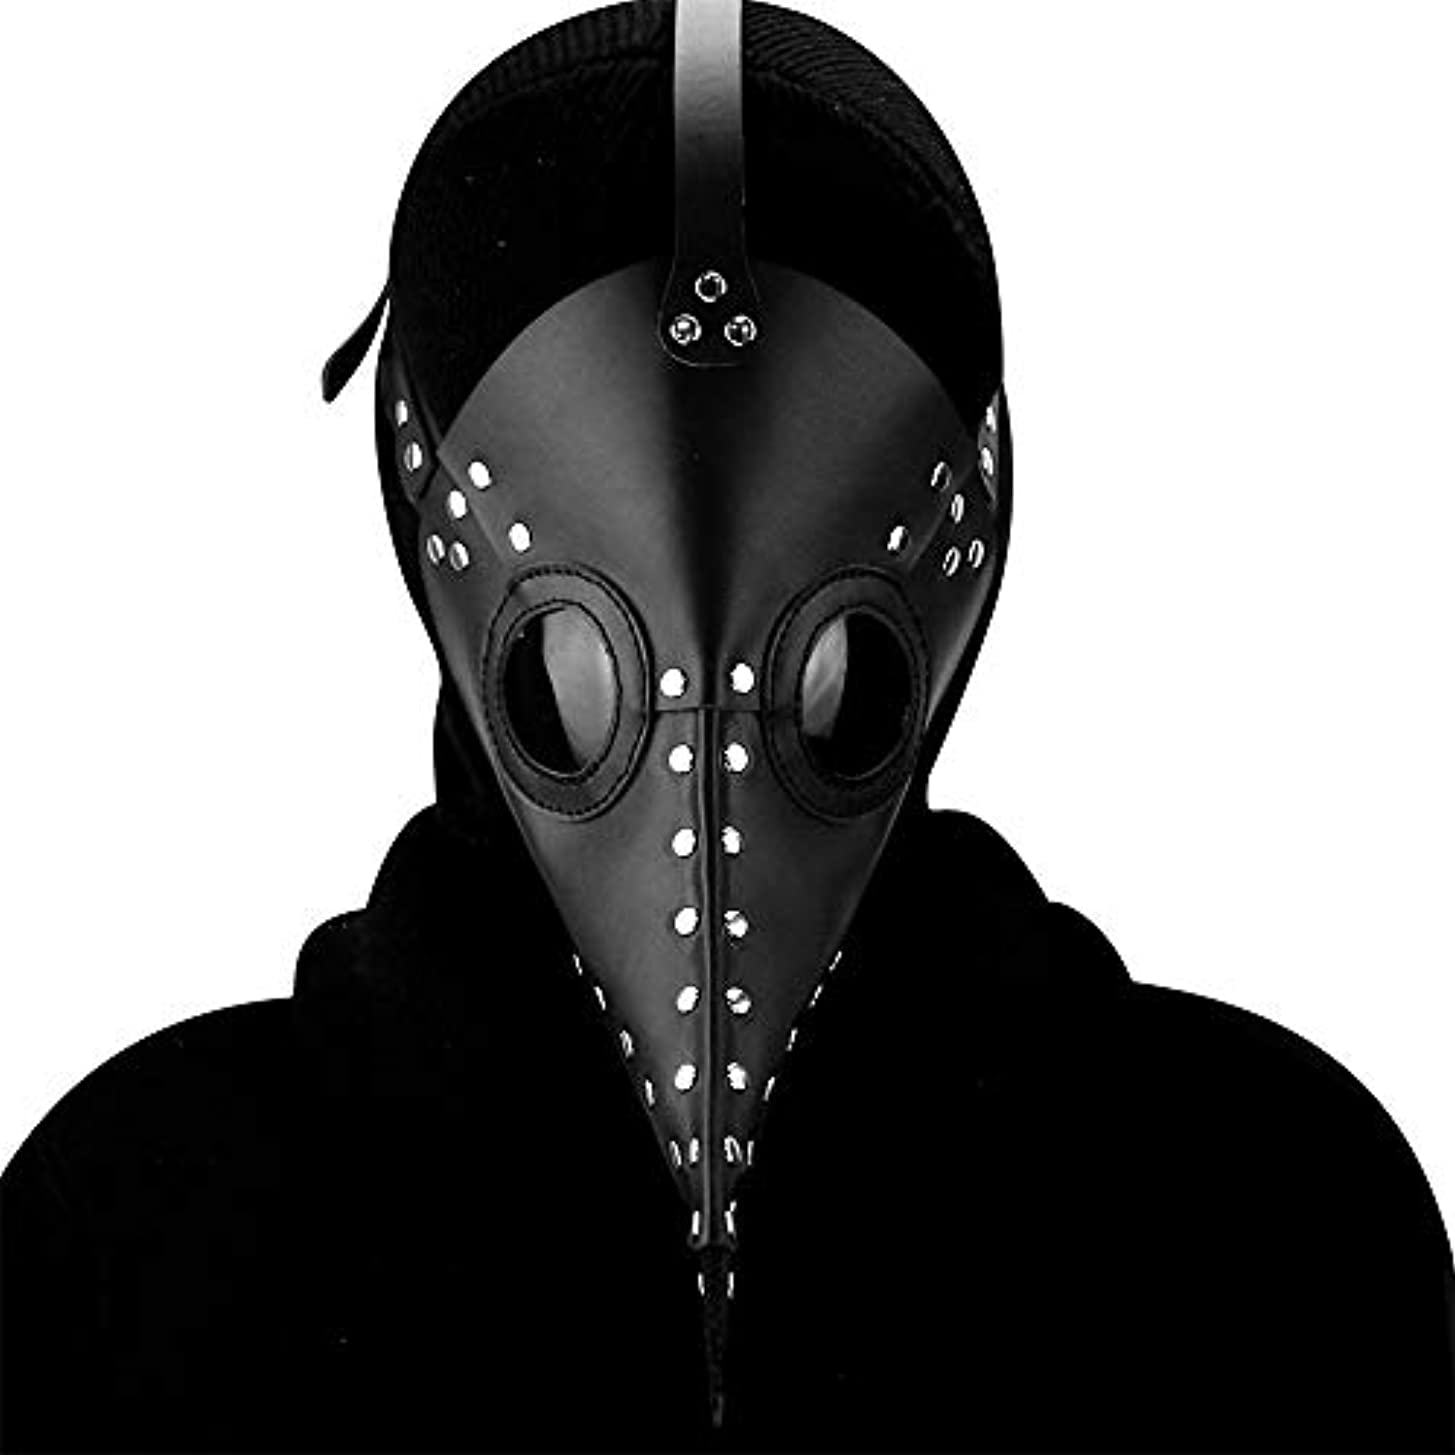 測定人工取り替えるハロウィーンペストビークマスクパーティーの小道具仮装